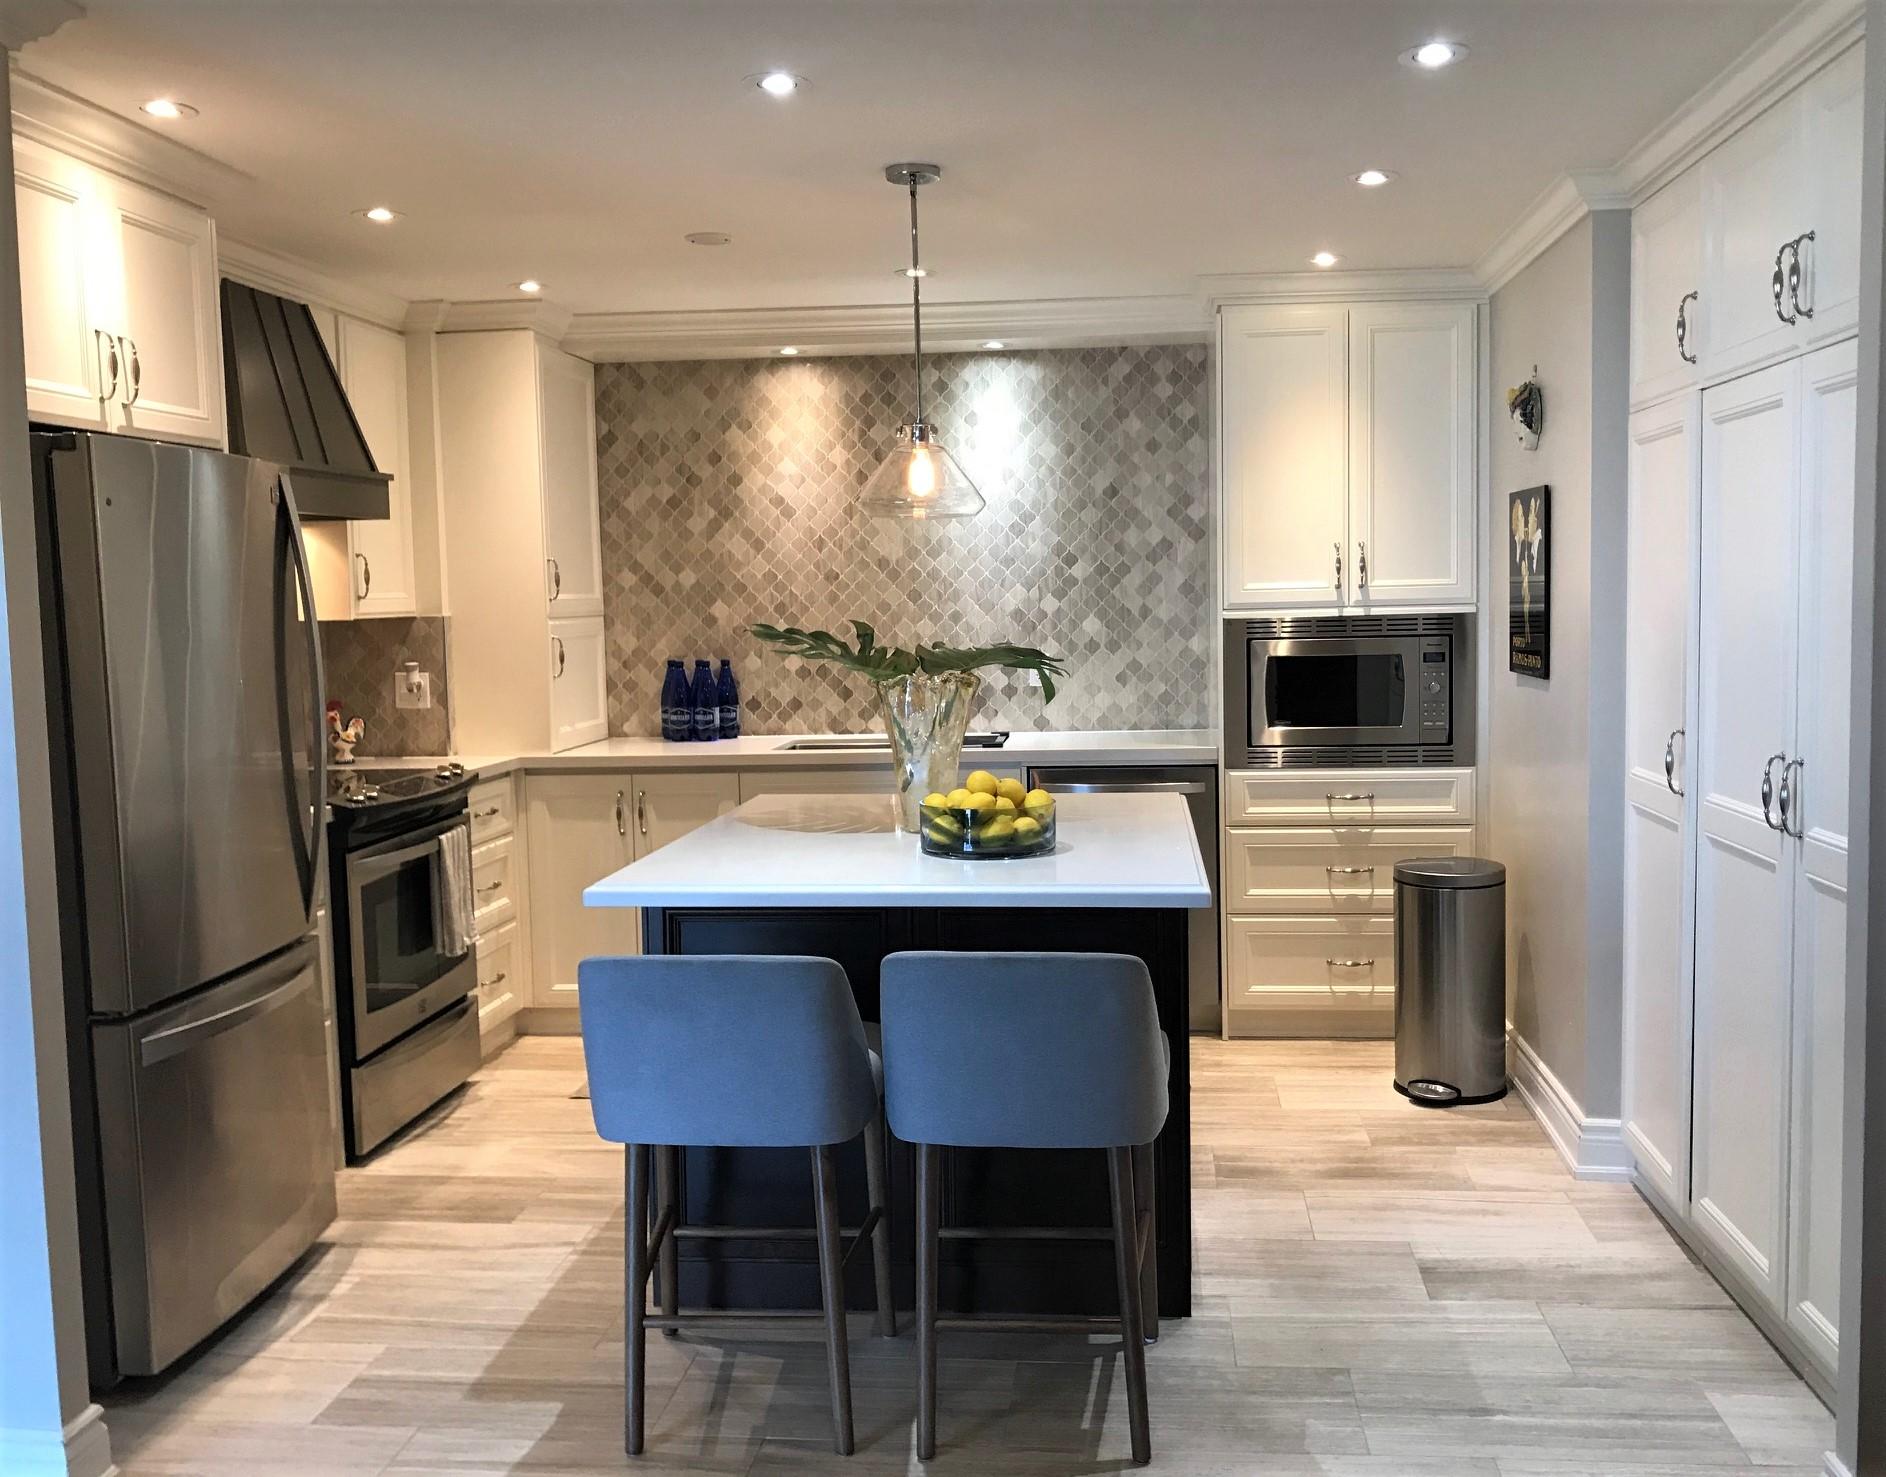 Homefront-Redesigns-Richview-kitchen